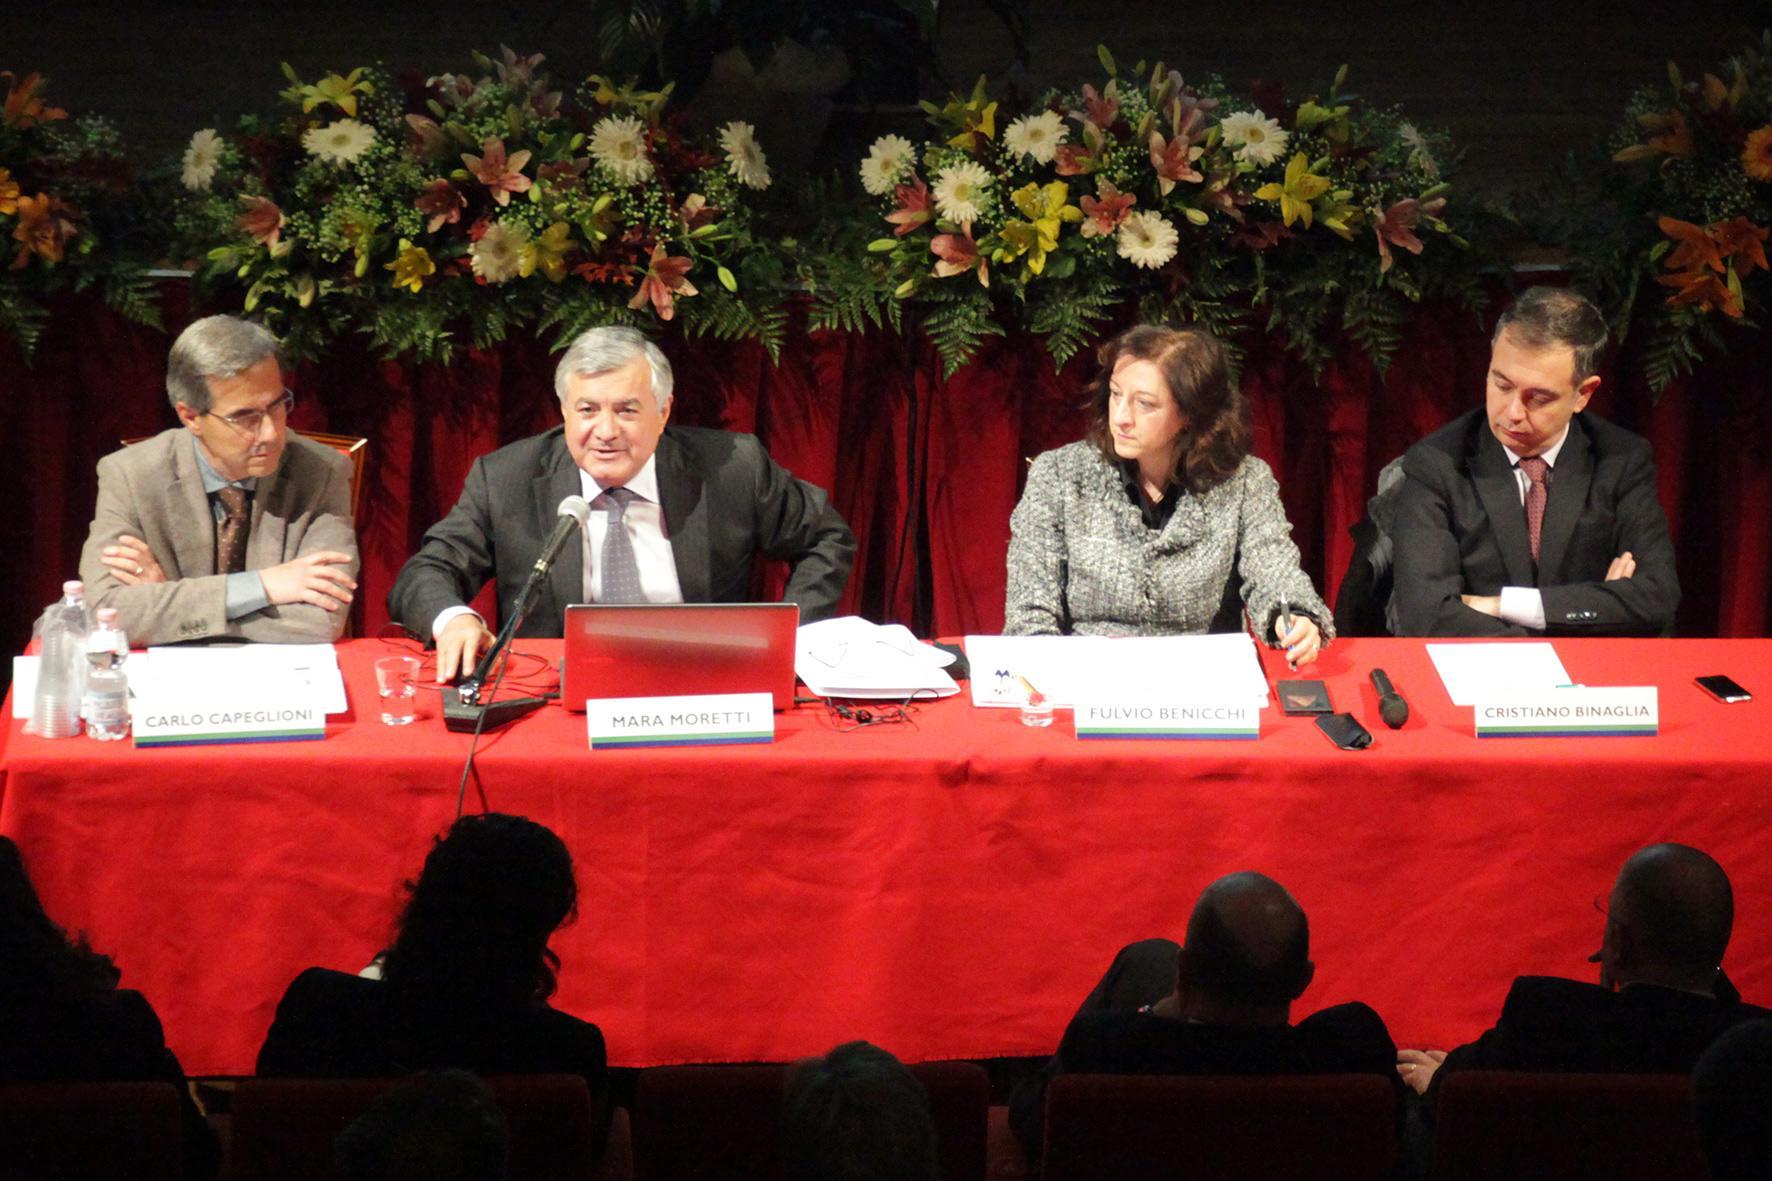 Bcc Montepulciano Nuova Sede banca valdichiana ai propri soci: la proposta di unione con